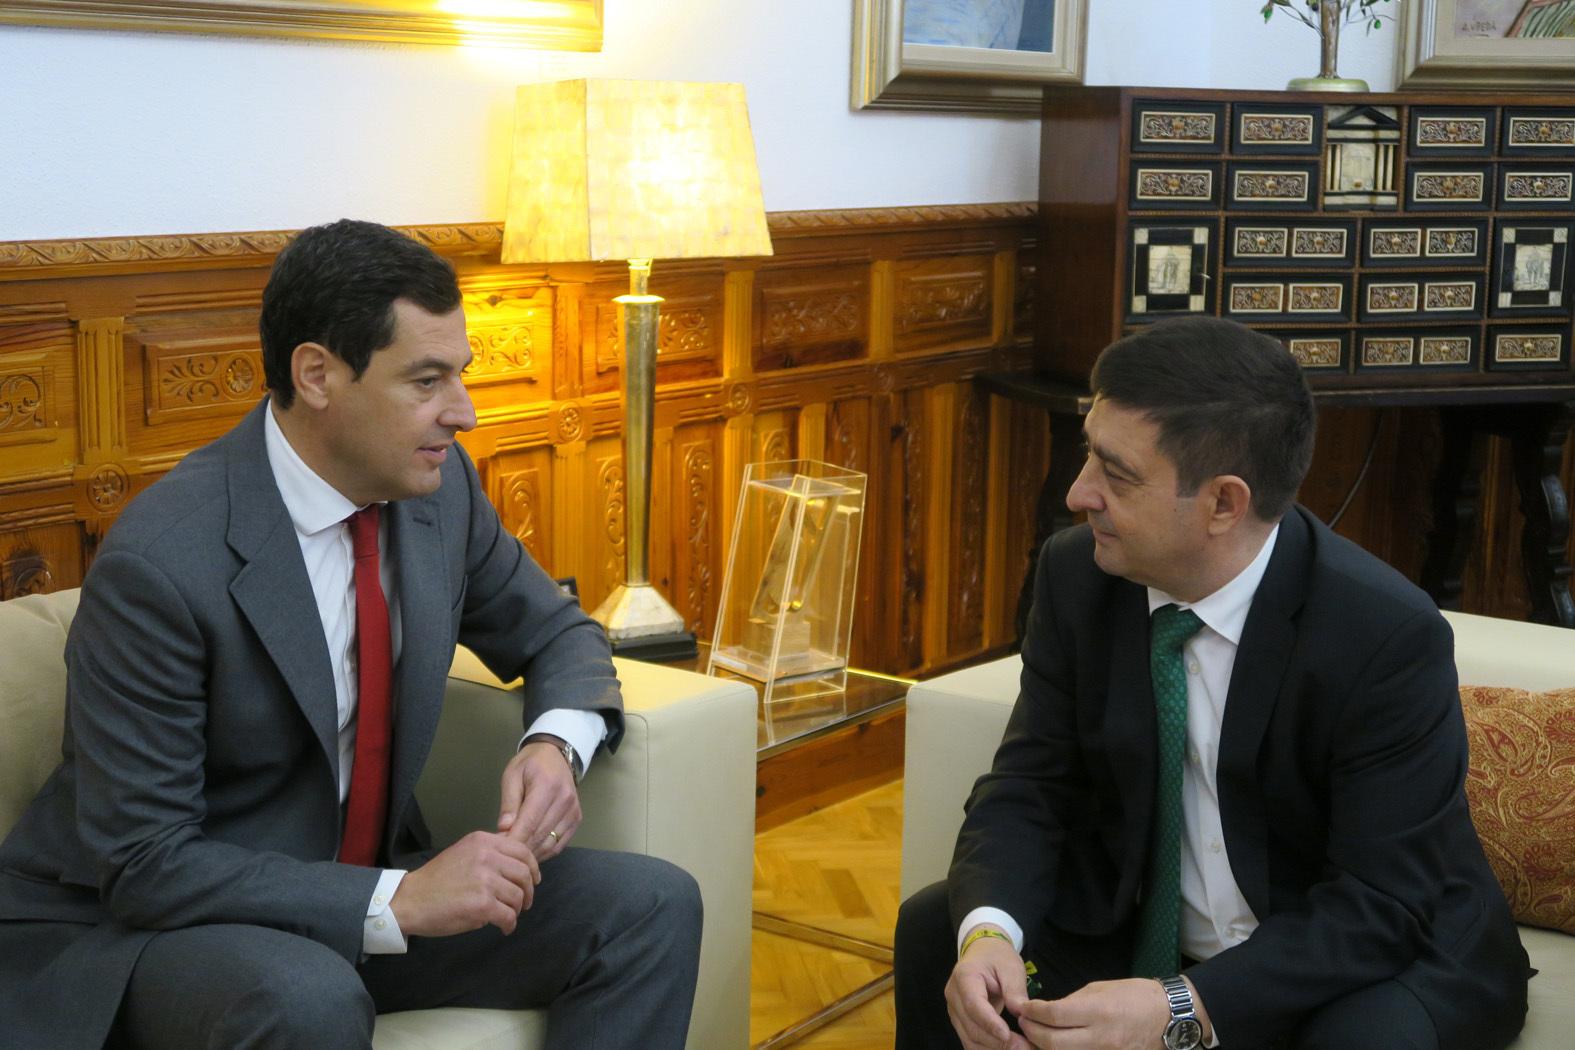 Moreno Bonilla y Francisco Reyes en la reunión mantenida en la Diputación de Jaén.